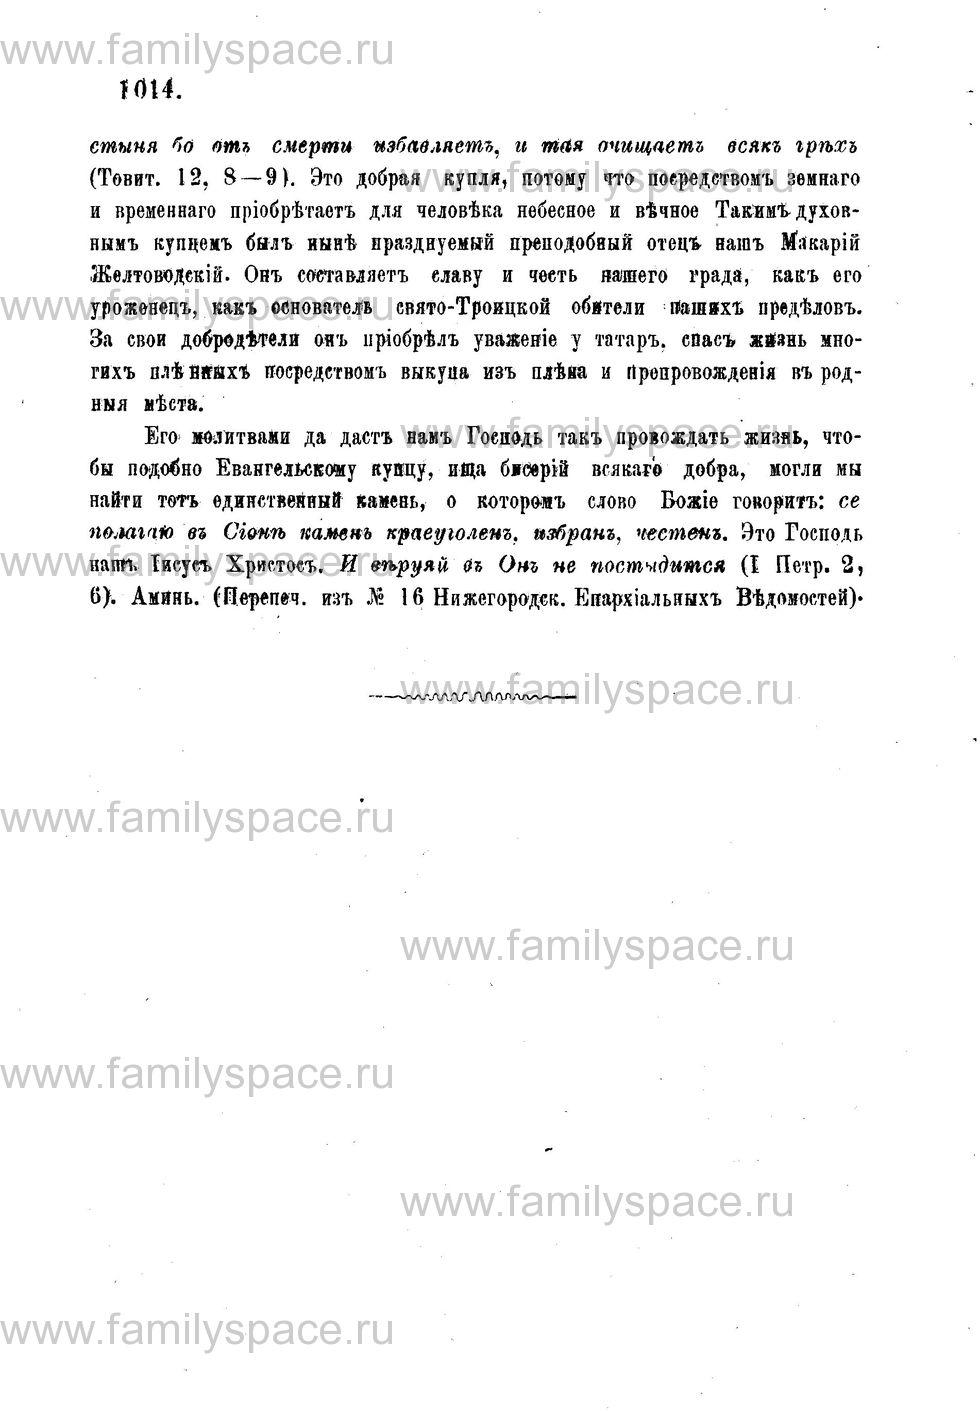 Поиск по фамилии - Адрес-календарь Нижегородской епархии на 1888 год, страница 2014